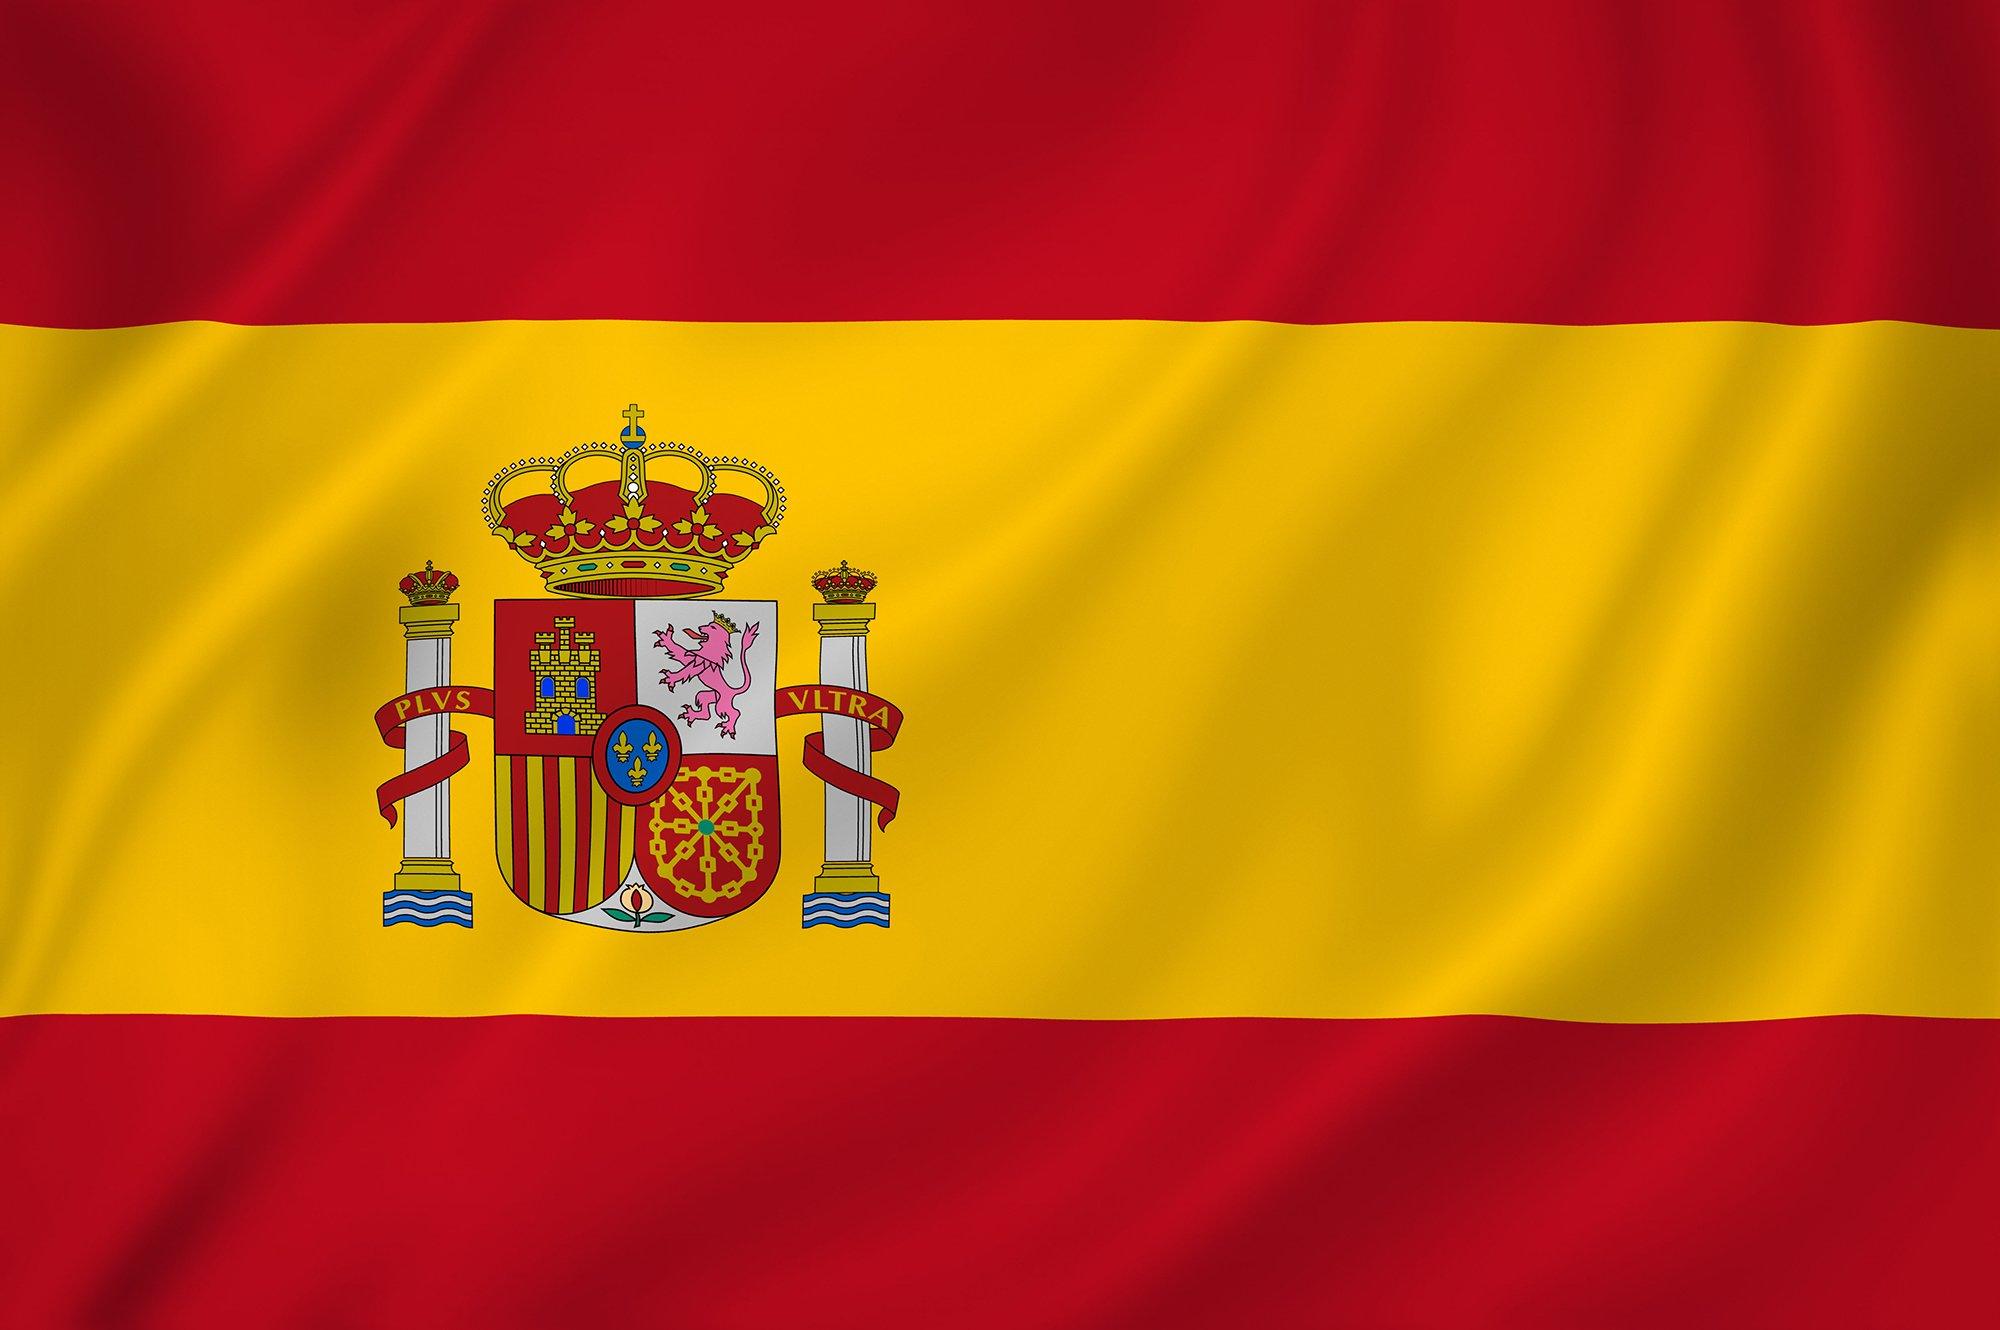 12 de octubre - Fiesta Nacional de España - Página 2 FBc3OcAWQAY_I5G?format=jpg&name=large